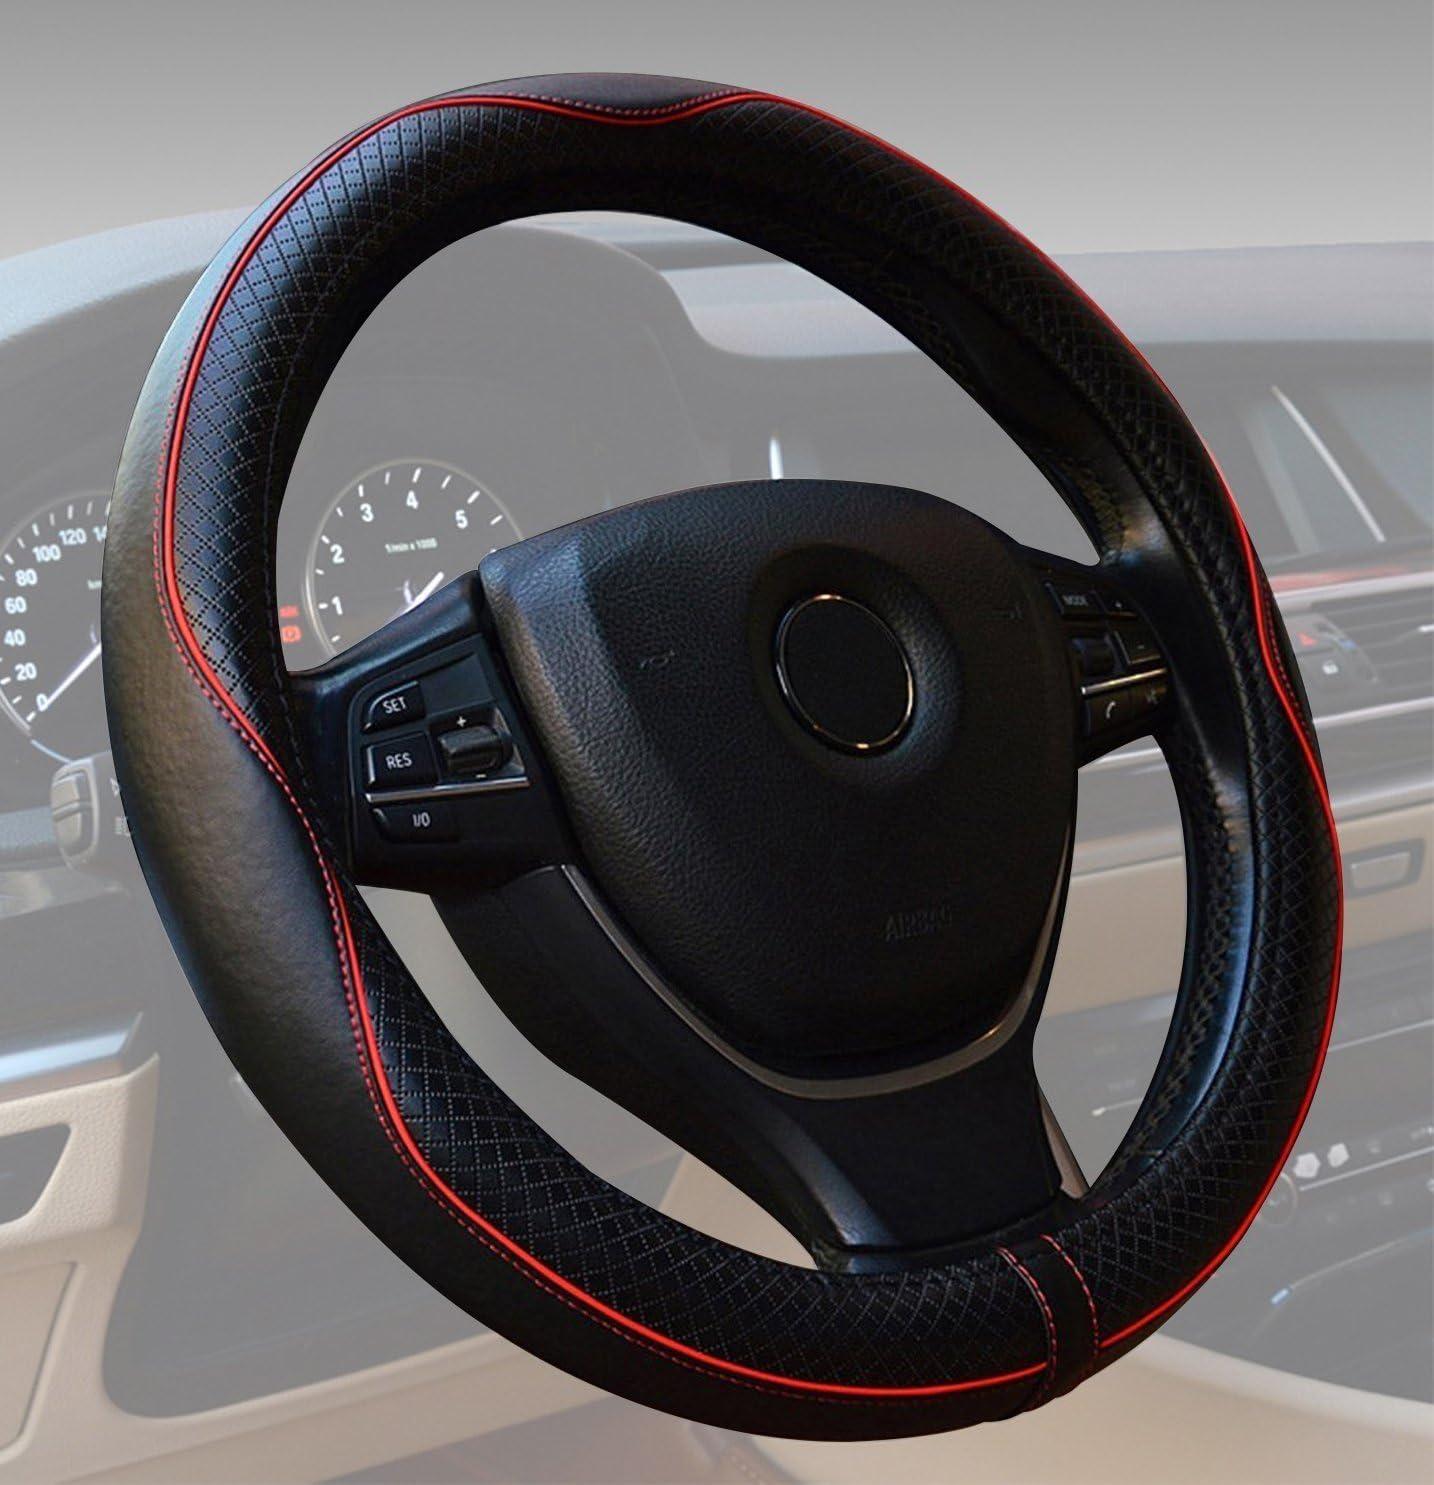 ECLEAR Auto-Lenkradschloss Universal Diebstahlsicherung Lenkradschloss mit 3 Schl/üsseln f/ür Auto//LKW//SUV//Van